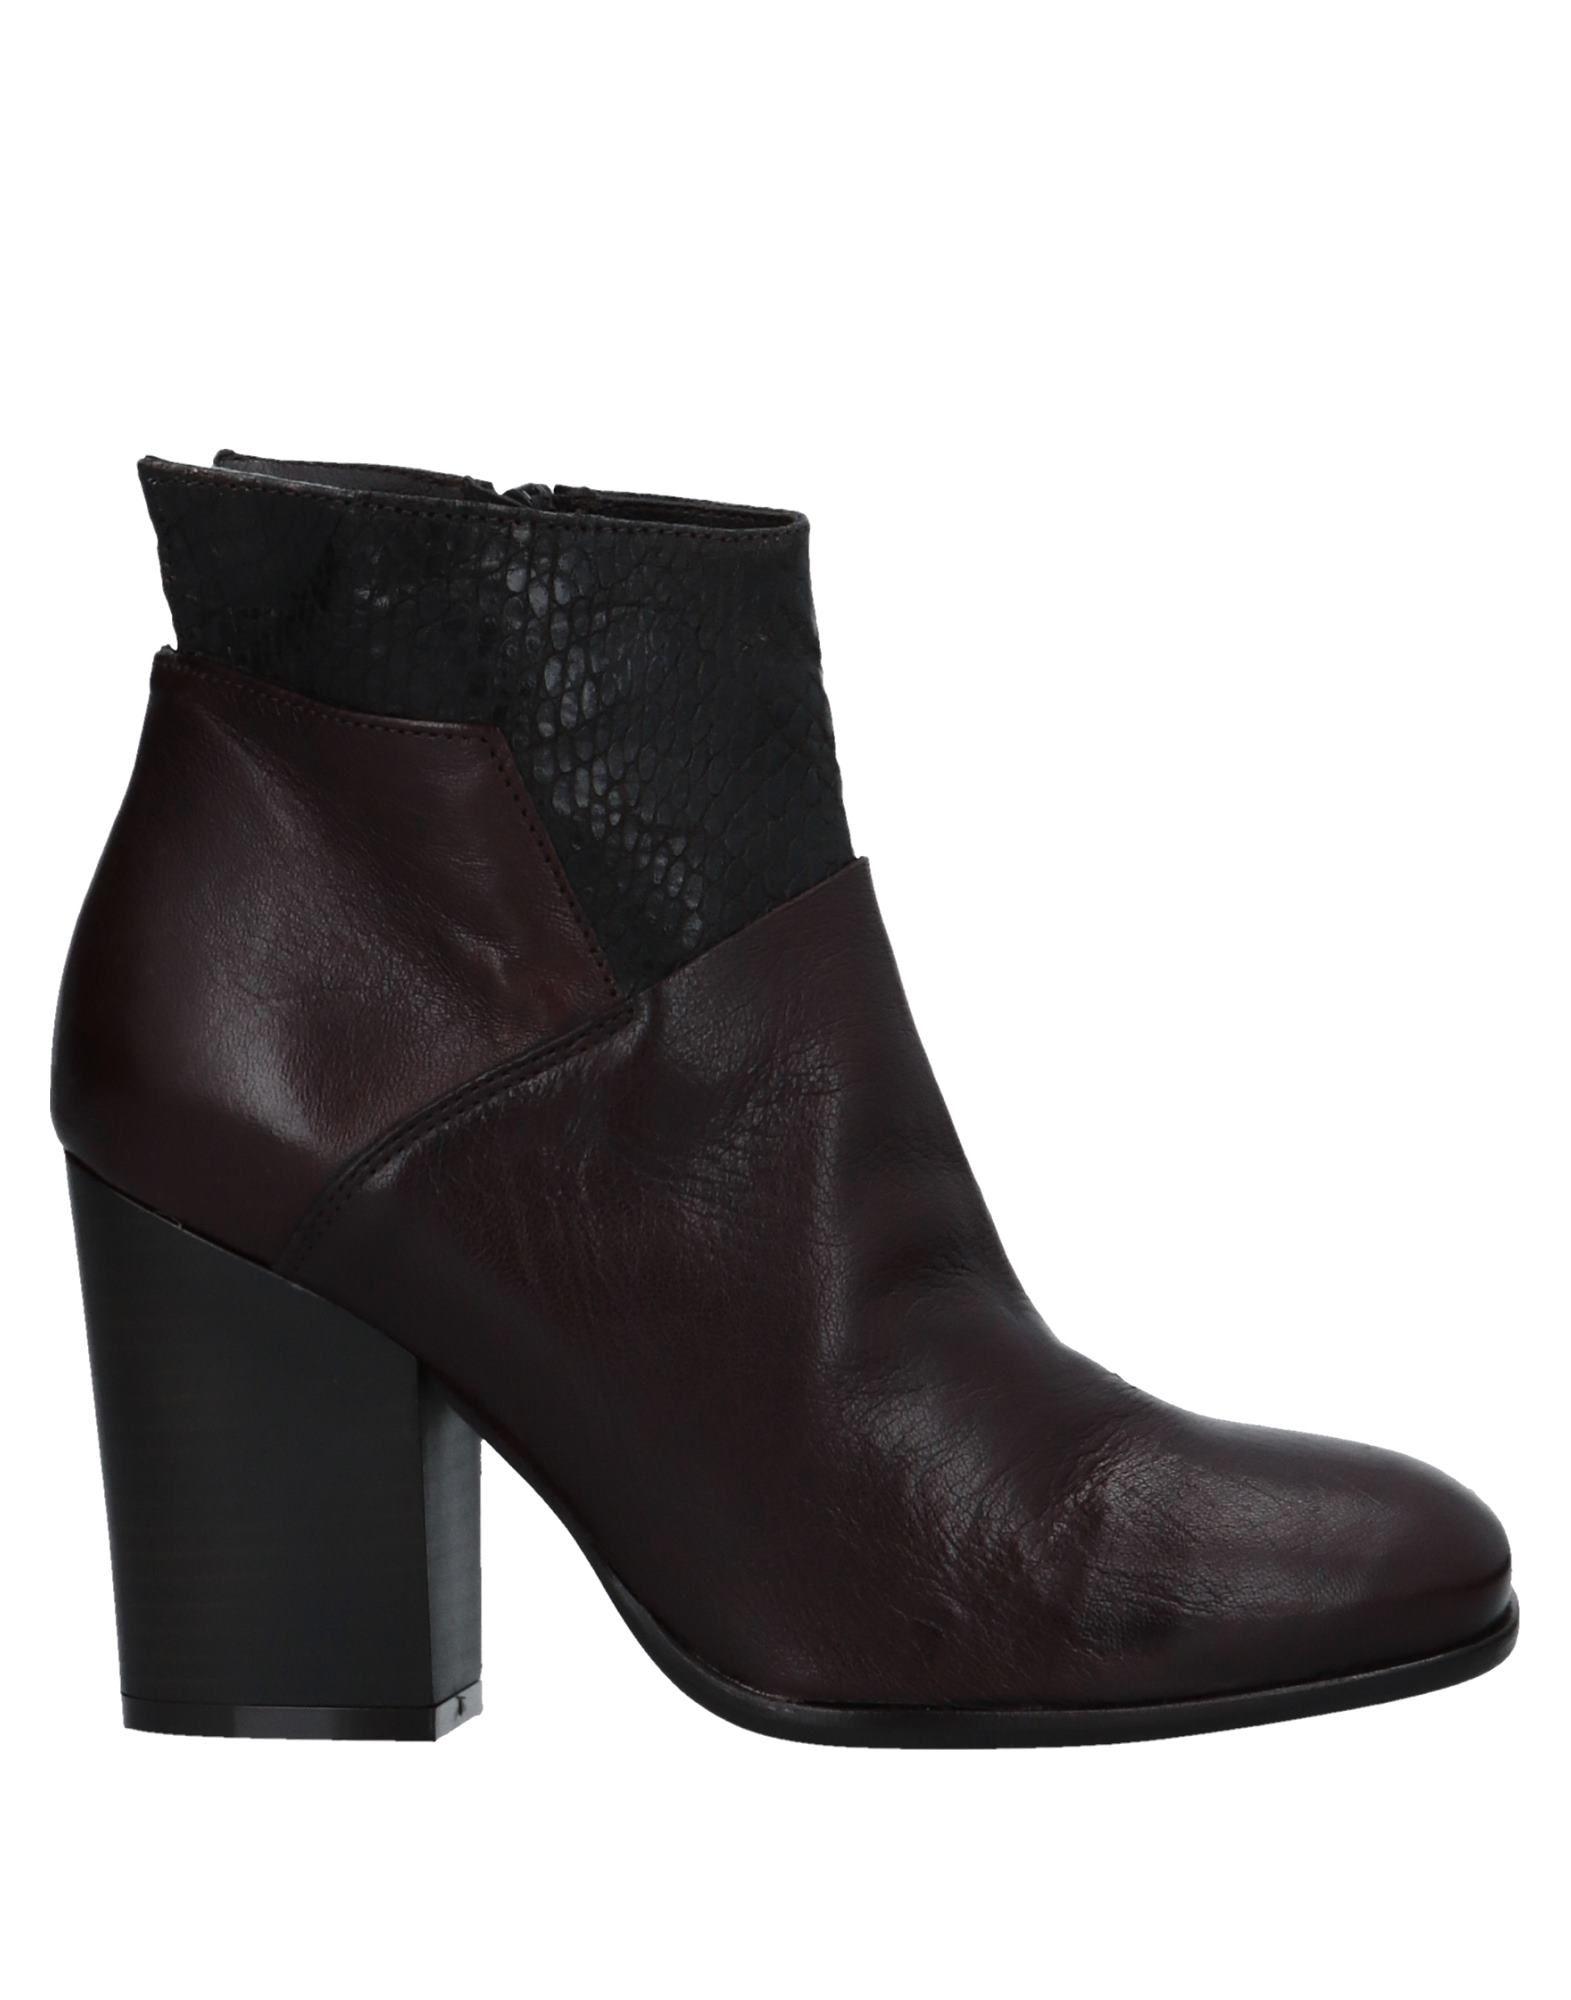 Eliana Bucci Stiefelette Damen  11532839GK Gute Qualität beliebte Schuhe